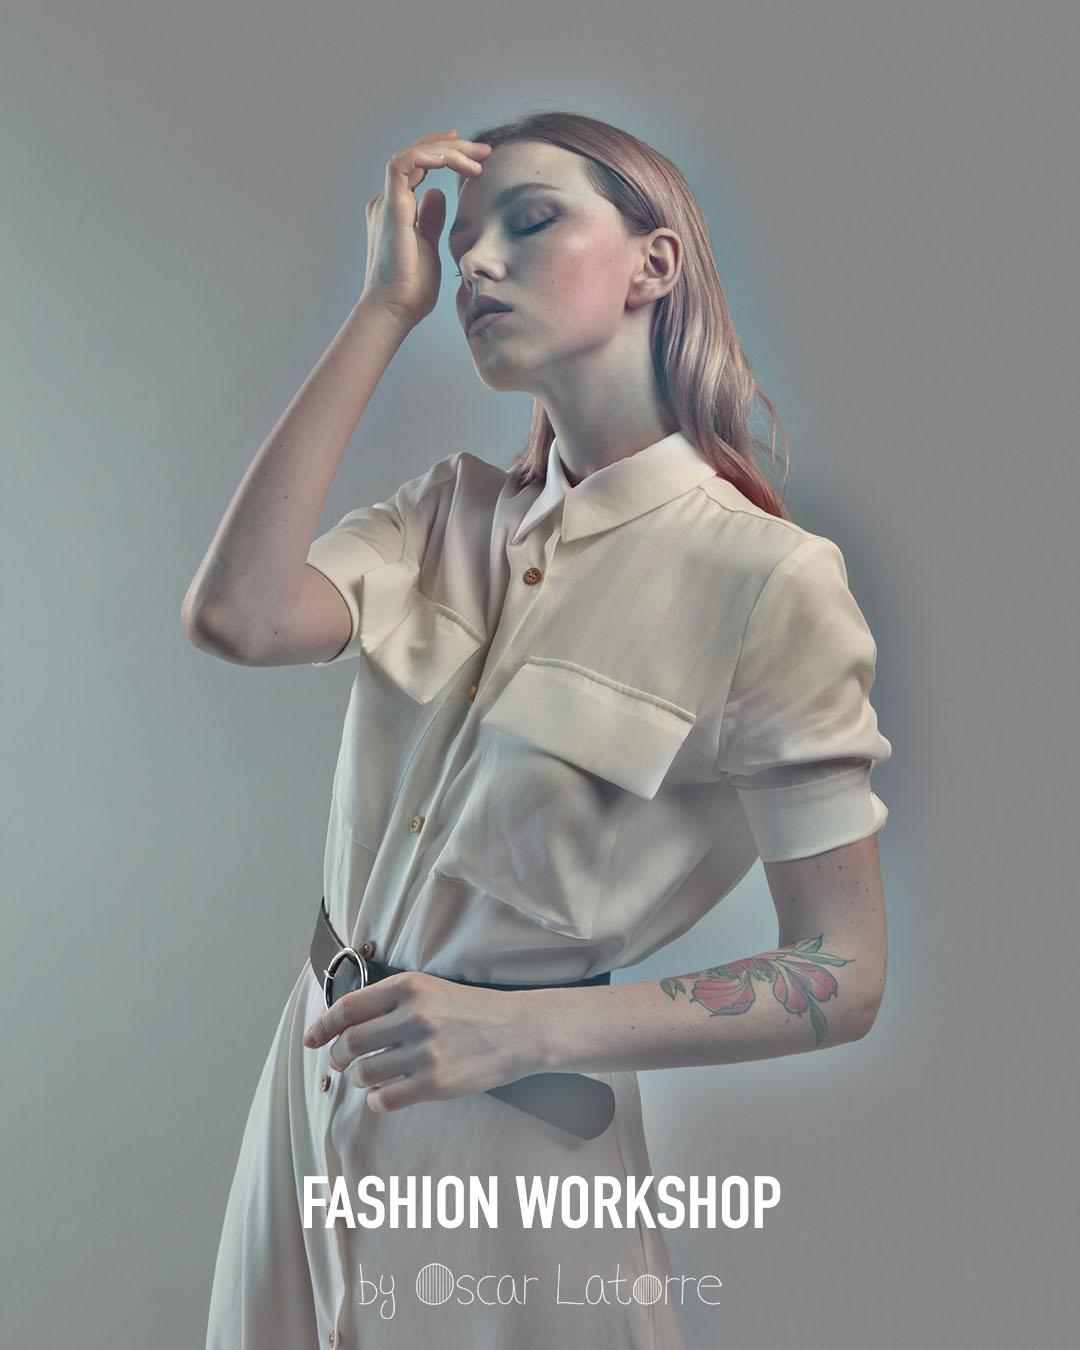 Workshop 1 by Oscar Latorre